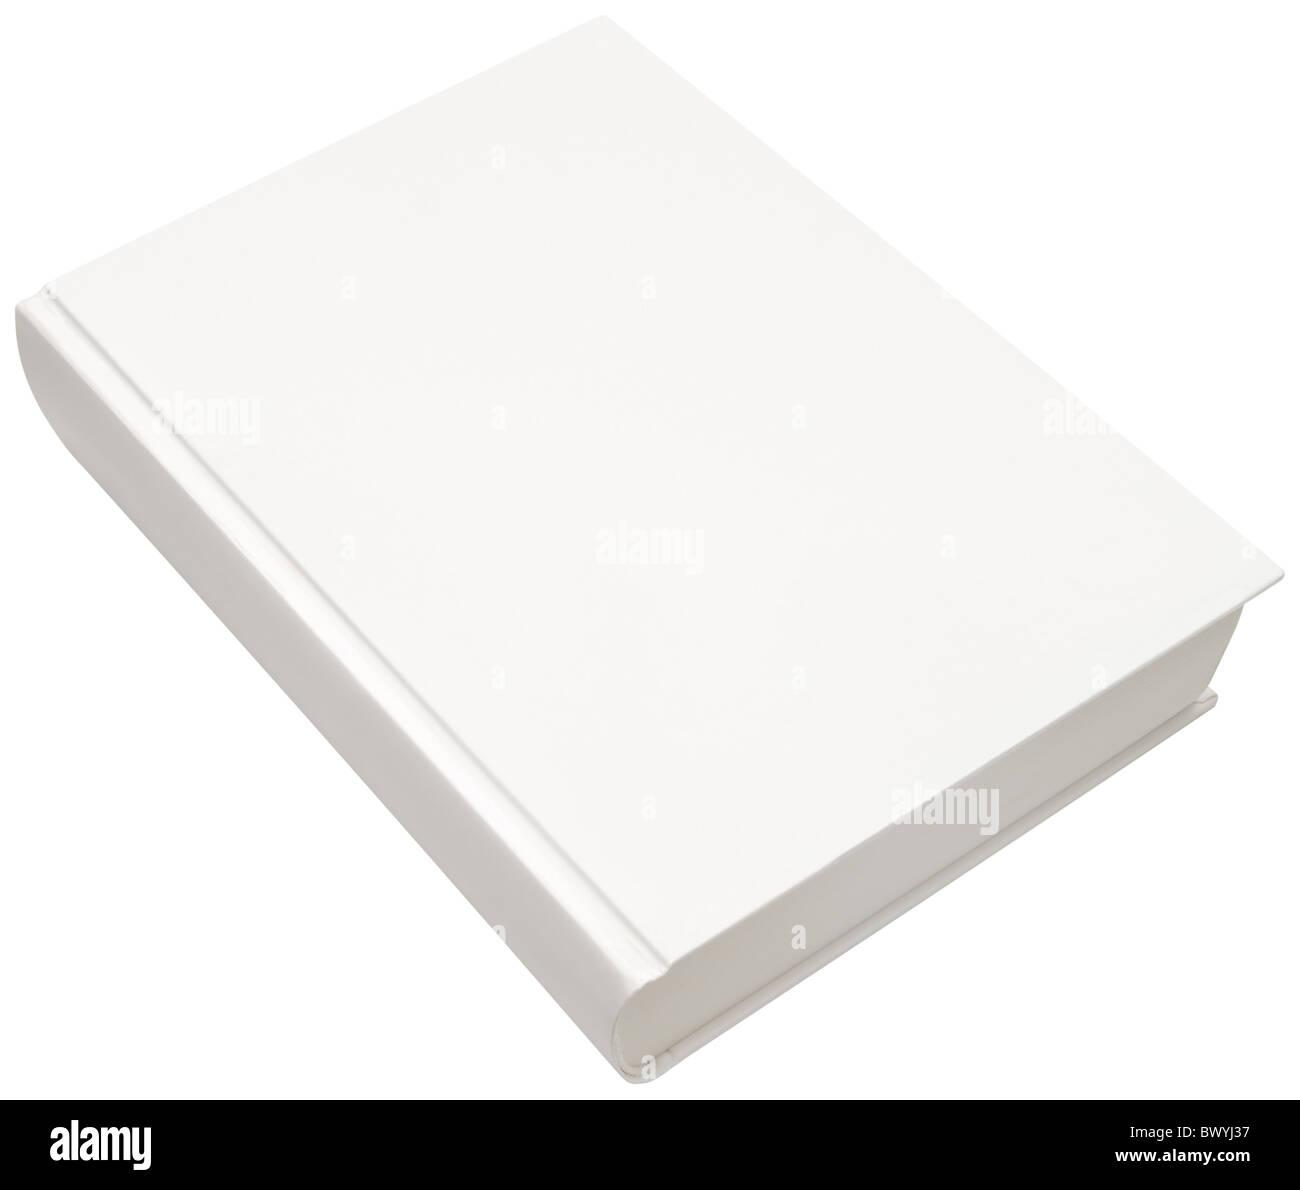 Spaccato di vuoto bianco modello di disco per la copertina del libro isolato con tracciato di ritaglio Immagini Stock